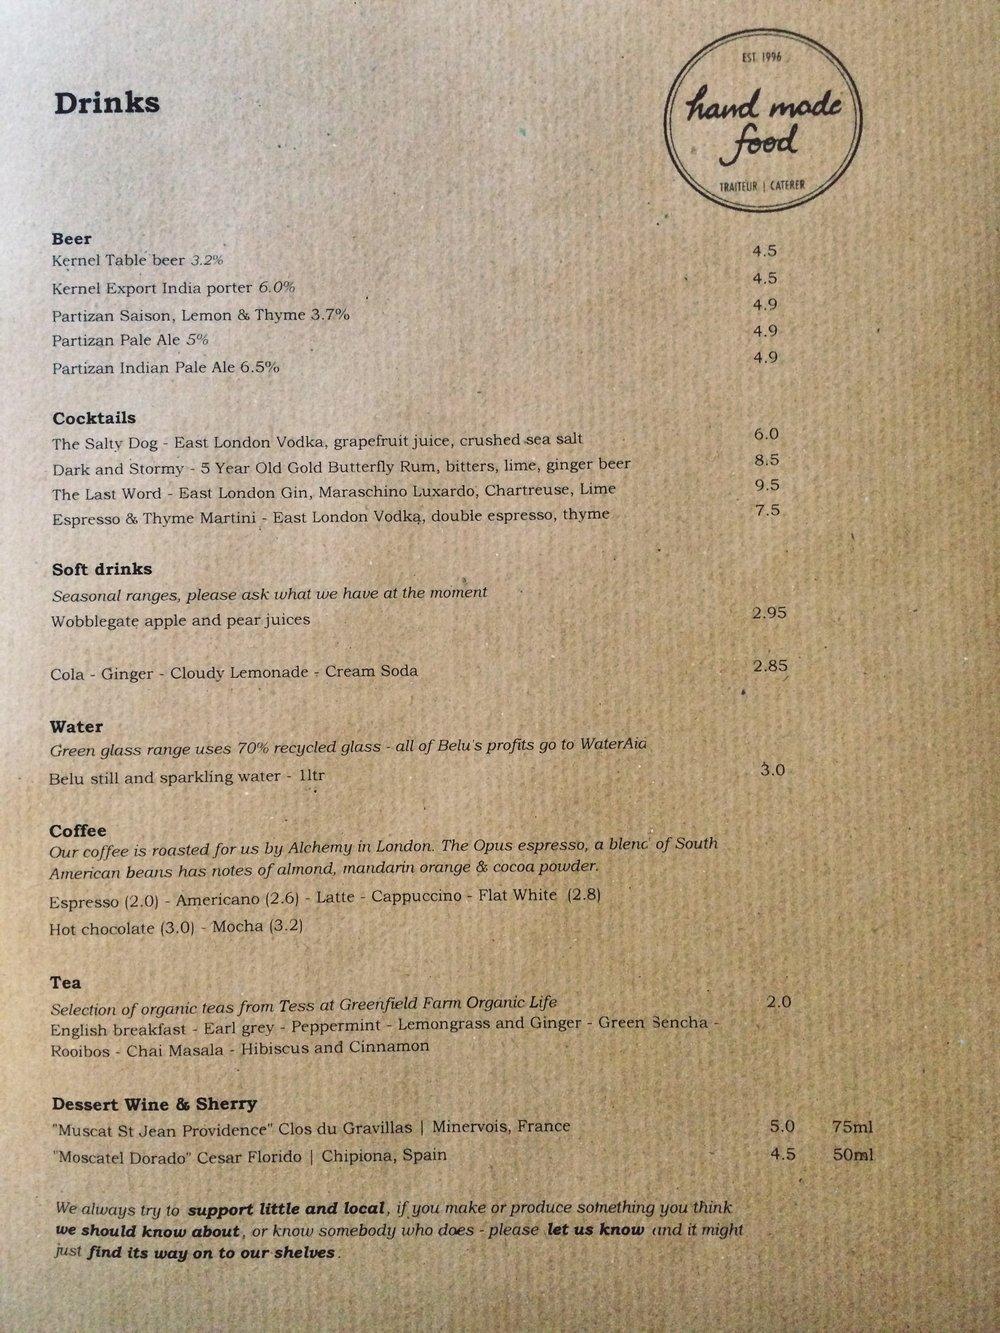 Drinks Menu Restaurant - Oct 2.JPG